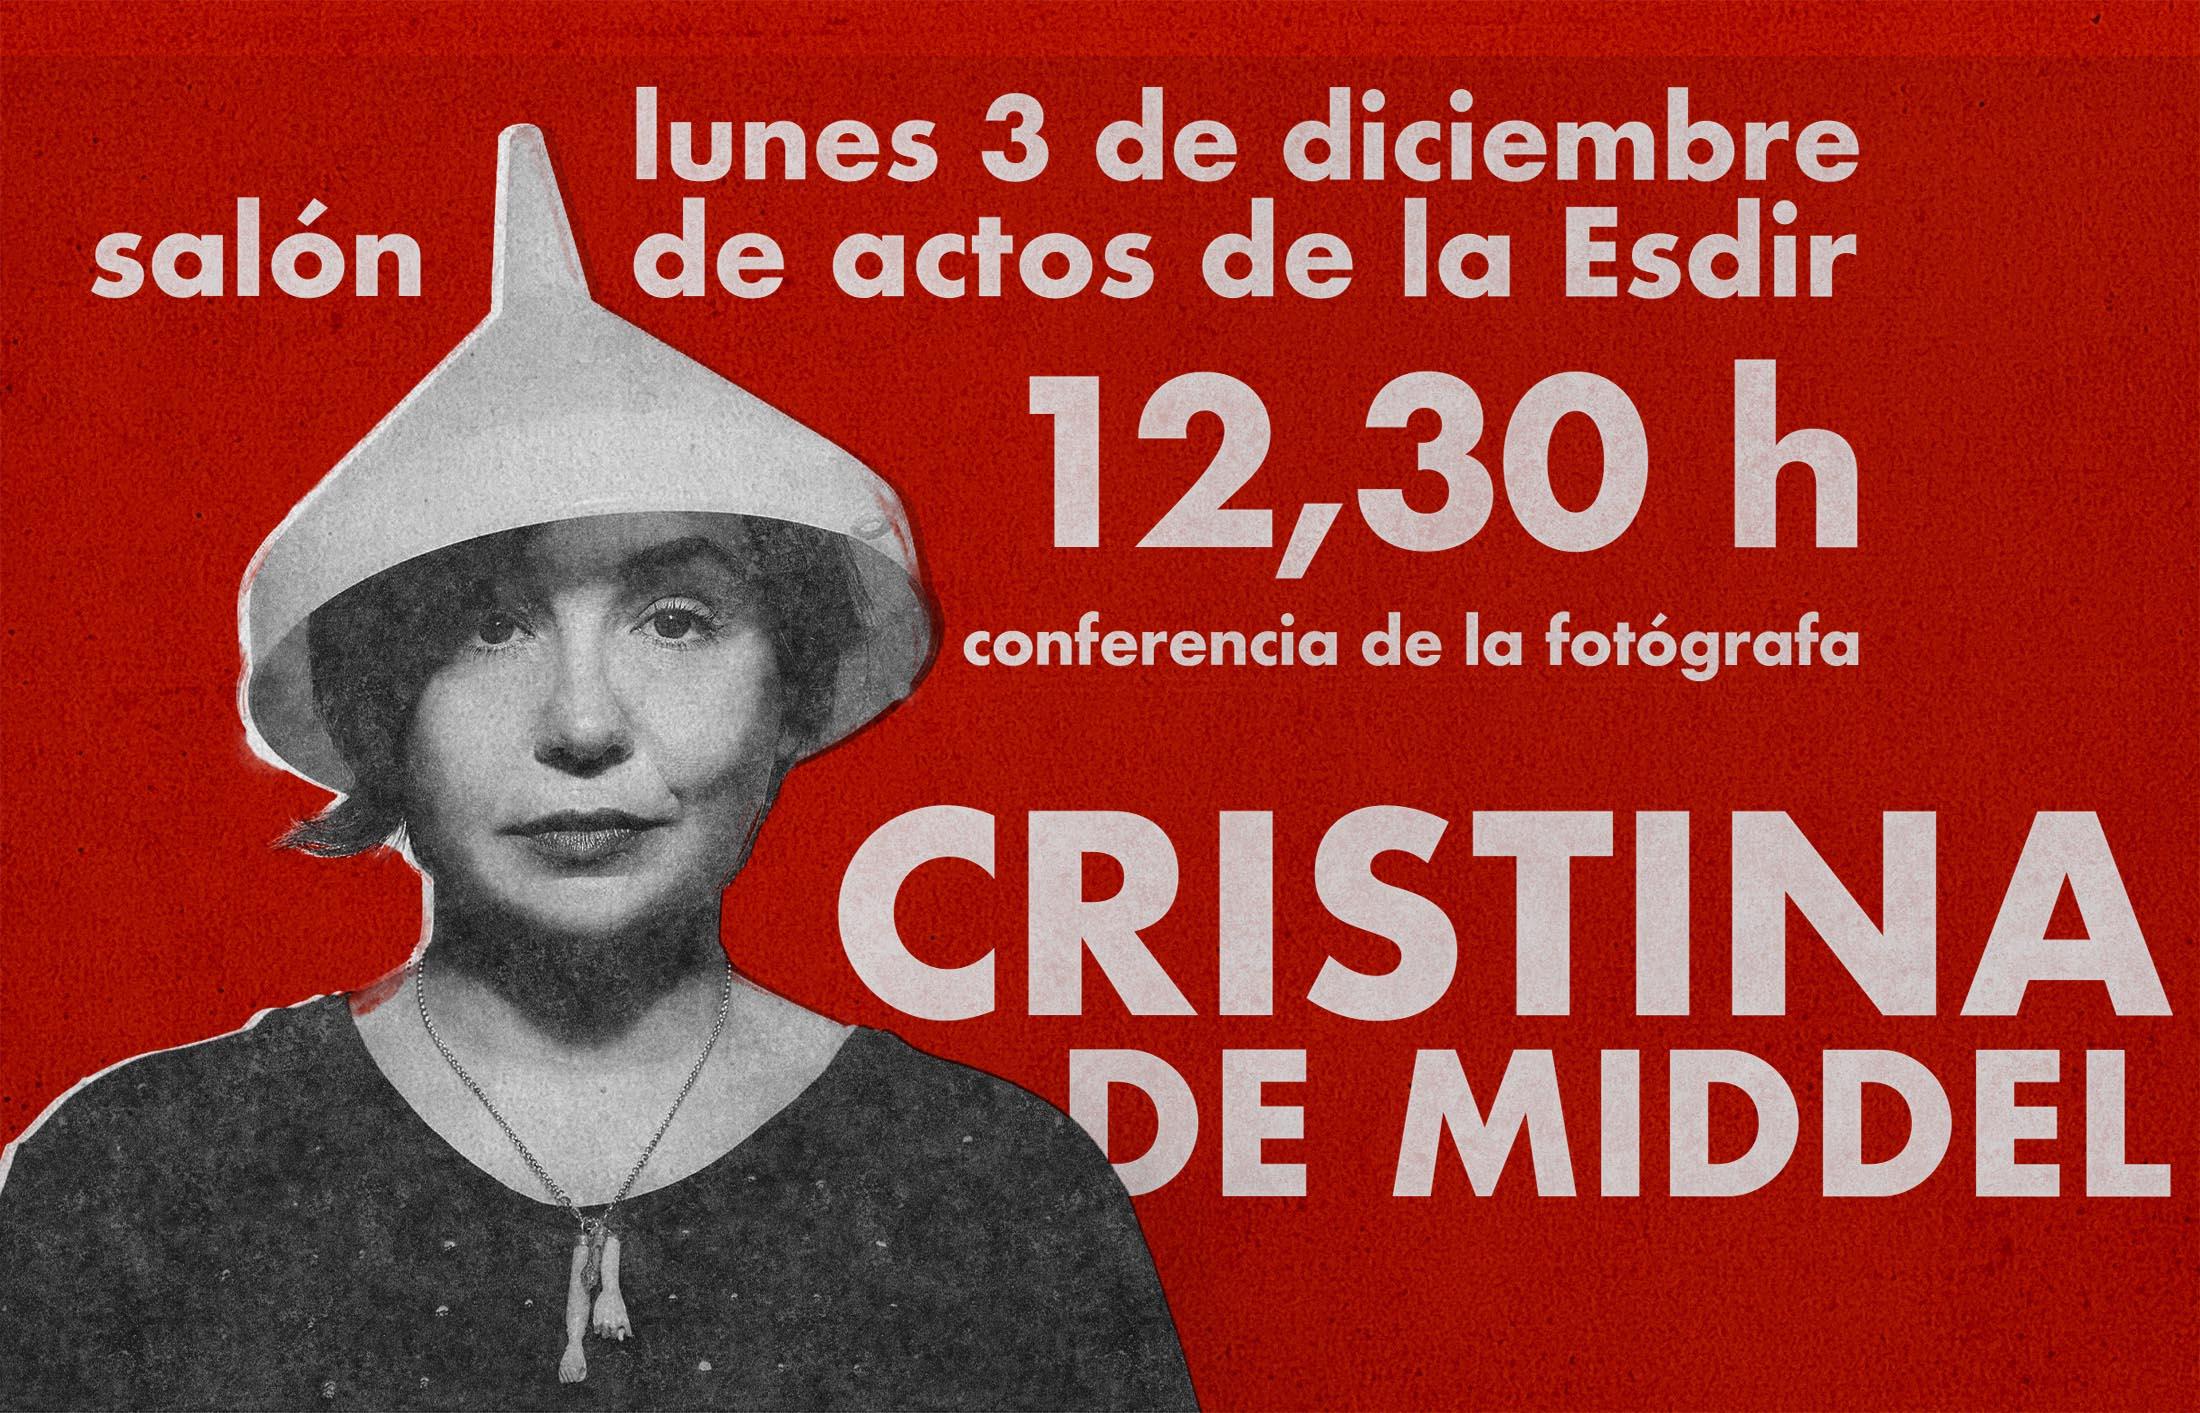 Conferencia de Cristina de Middel el próximo lunes en la Esdir